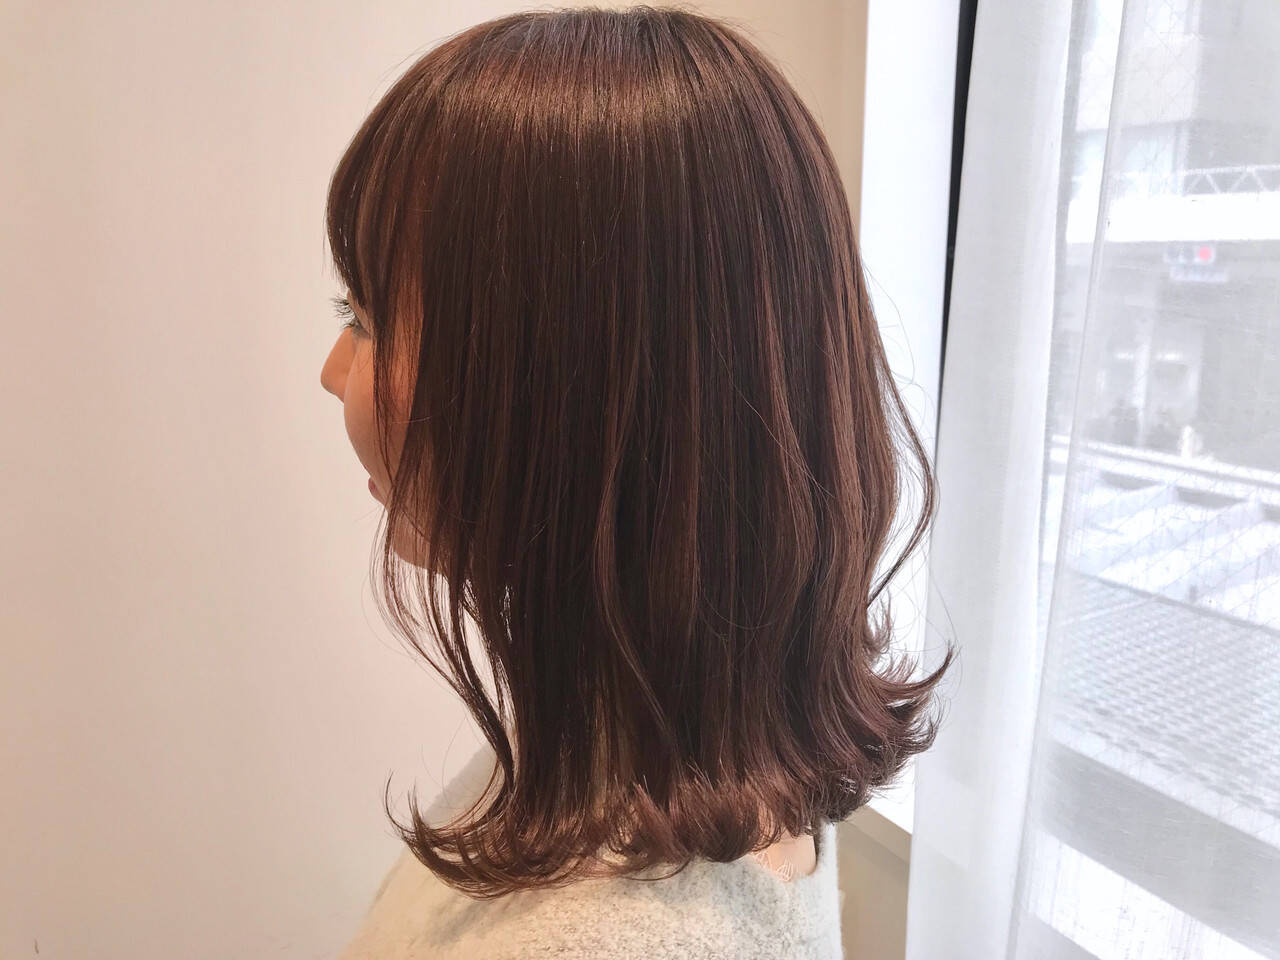 透明感カラー ピンクベージュ アンニュイほつれヘア ナチュラルヘアスタイルや髪型の写真・画像